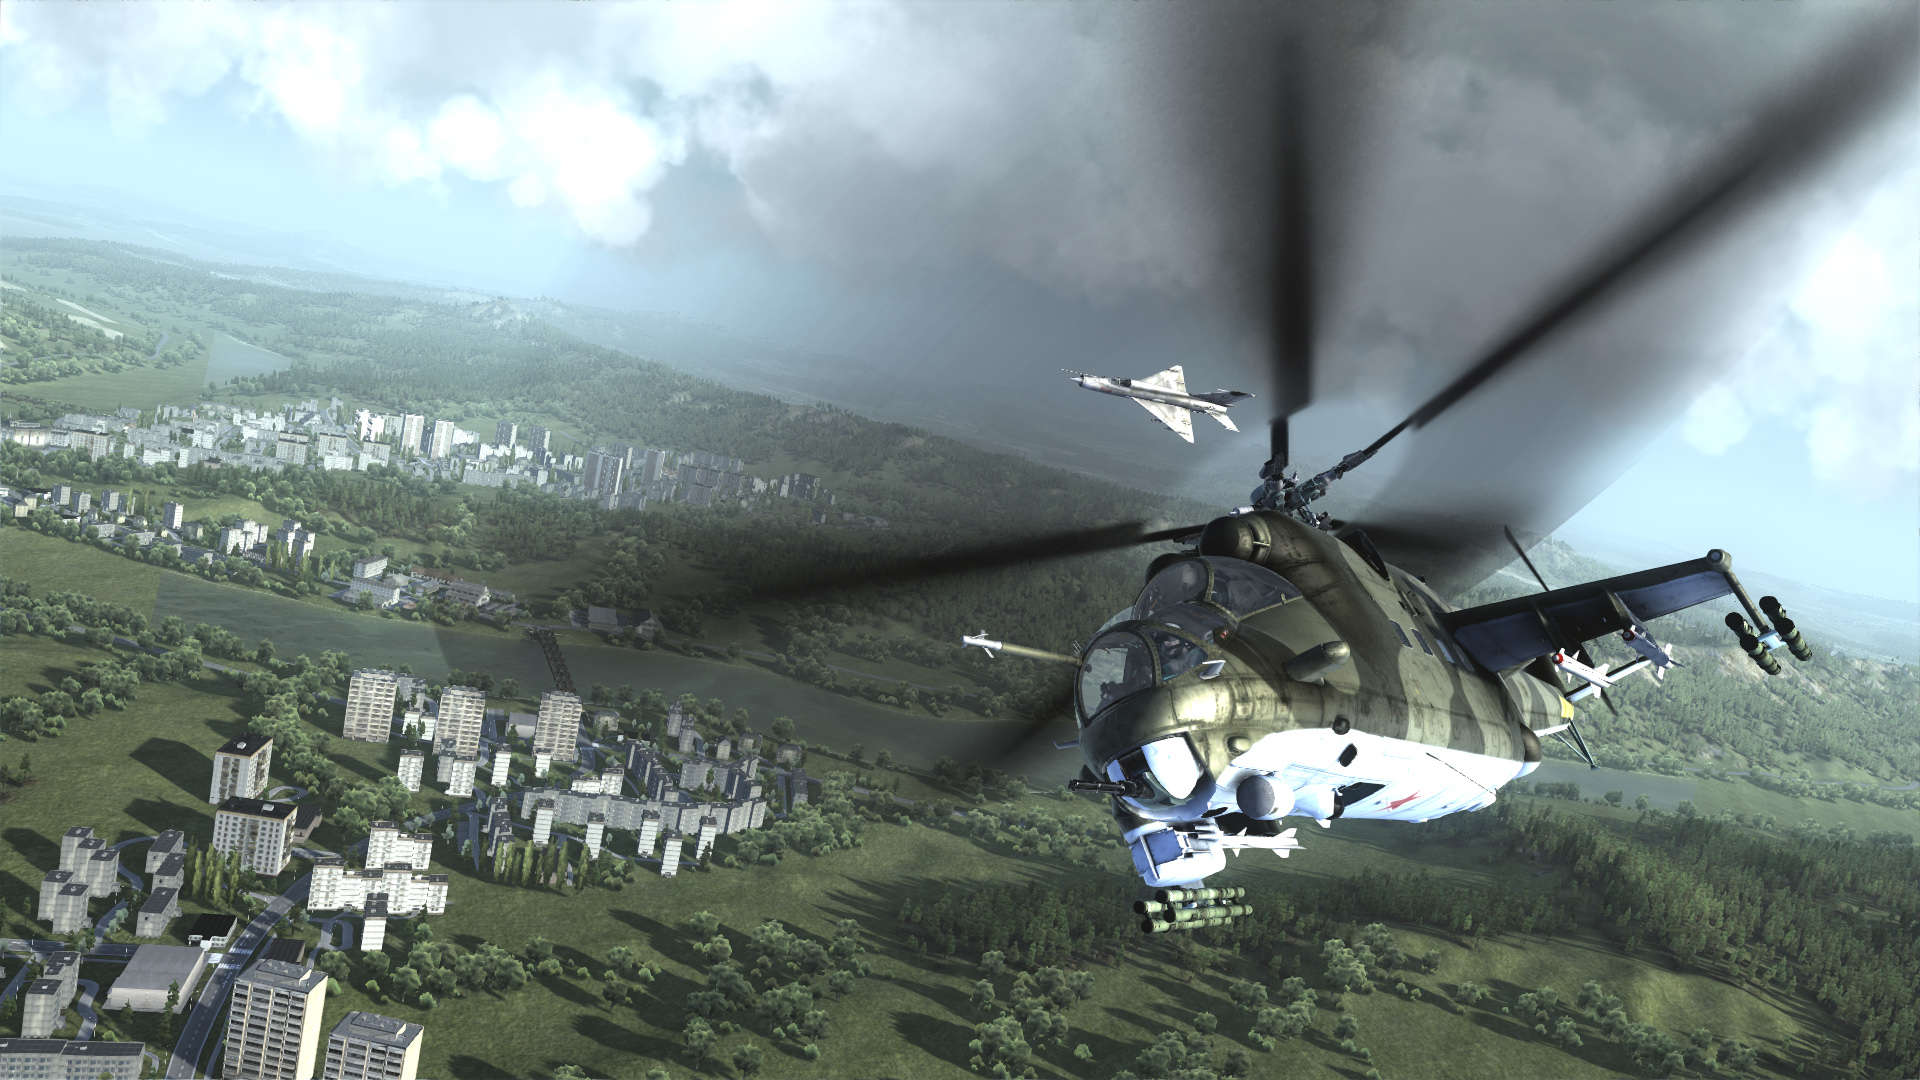 空战模拟游戏《空战使命:雌鹿》Steam新史低促销 仅售13元